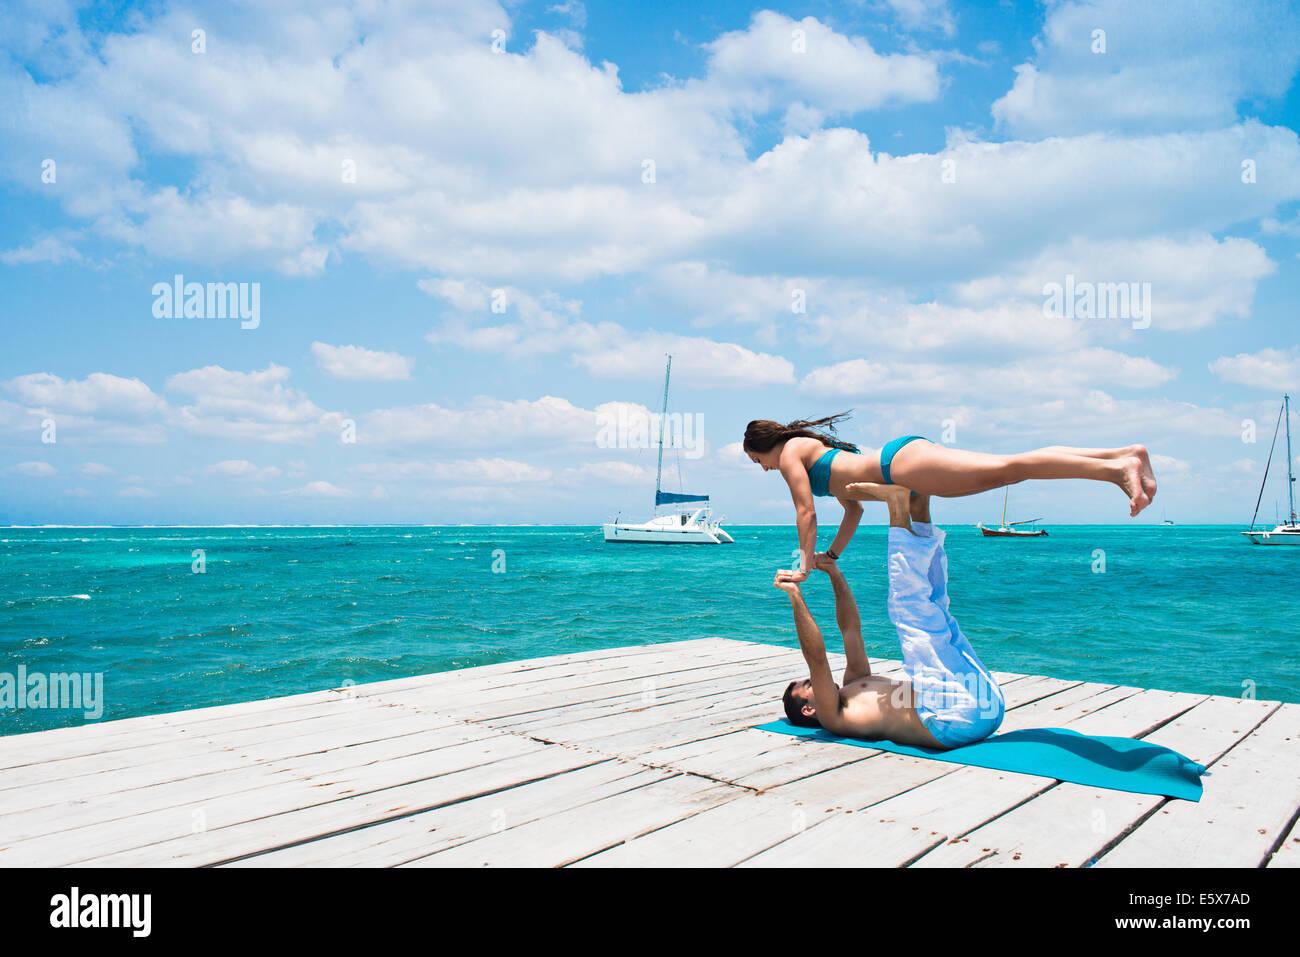 Coppia giovane in aereo pongono sul molo di San Pedro in Belize Immagini Stock